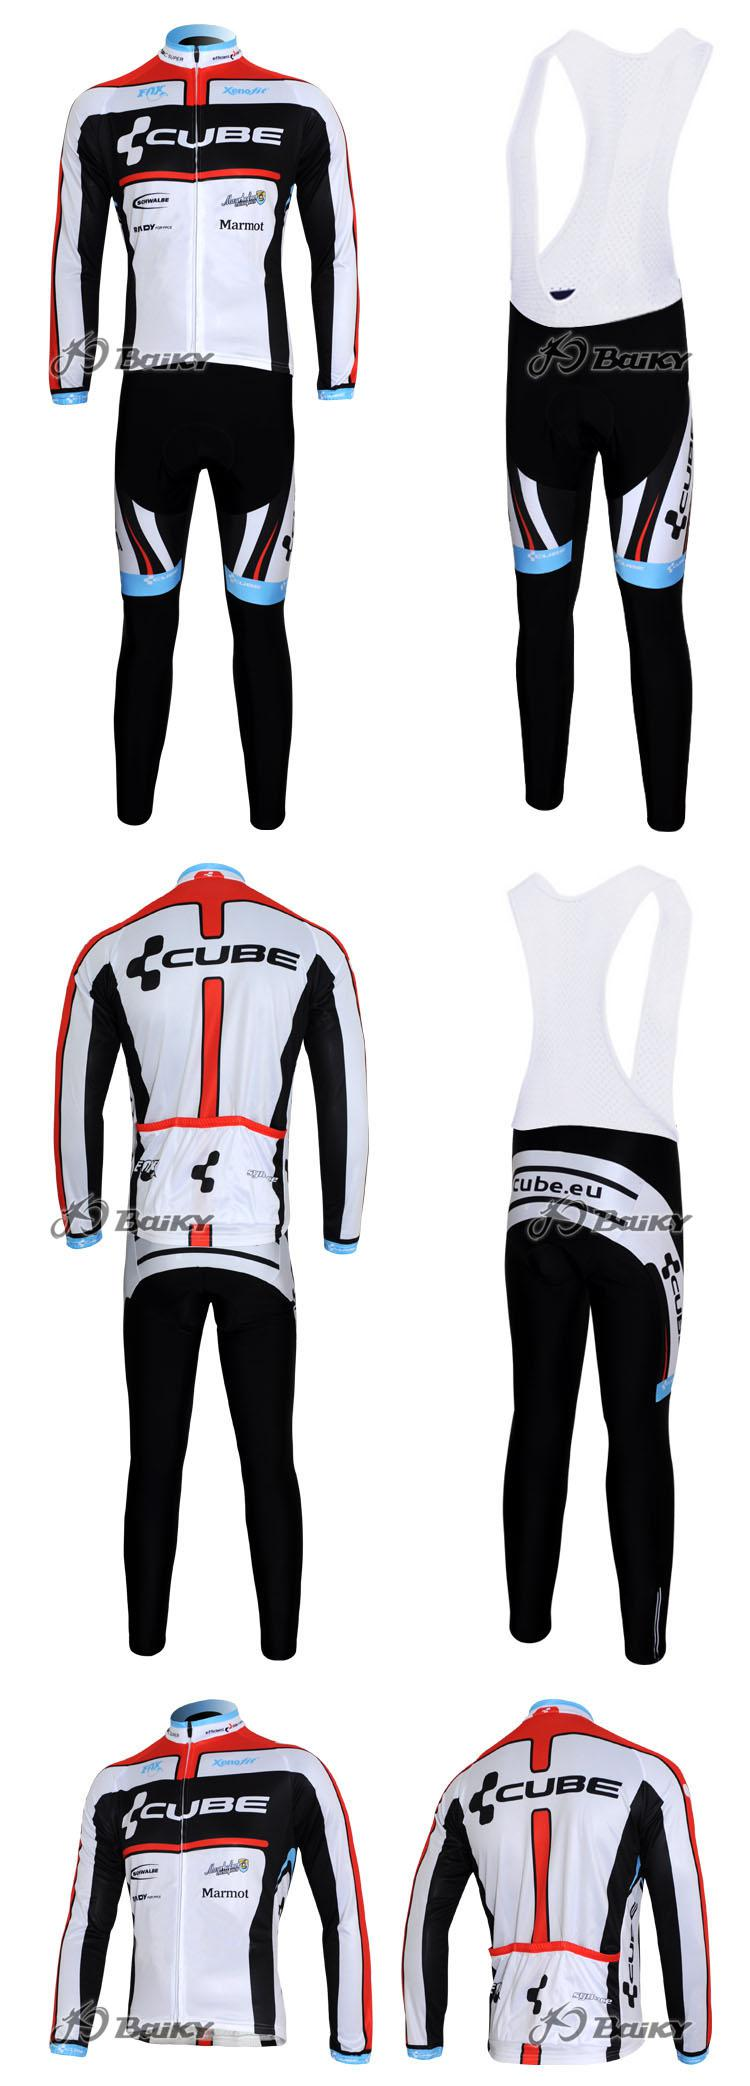 冬のフリースサーマルサイクリングロングジャージ+ビブパンツ2012キューブブラックレッドピックサイズ:XS-4XL C039